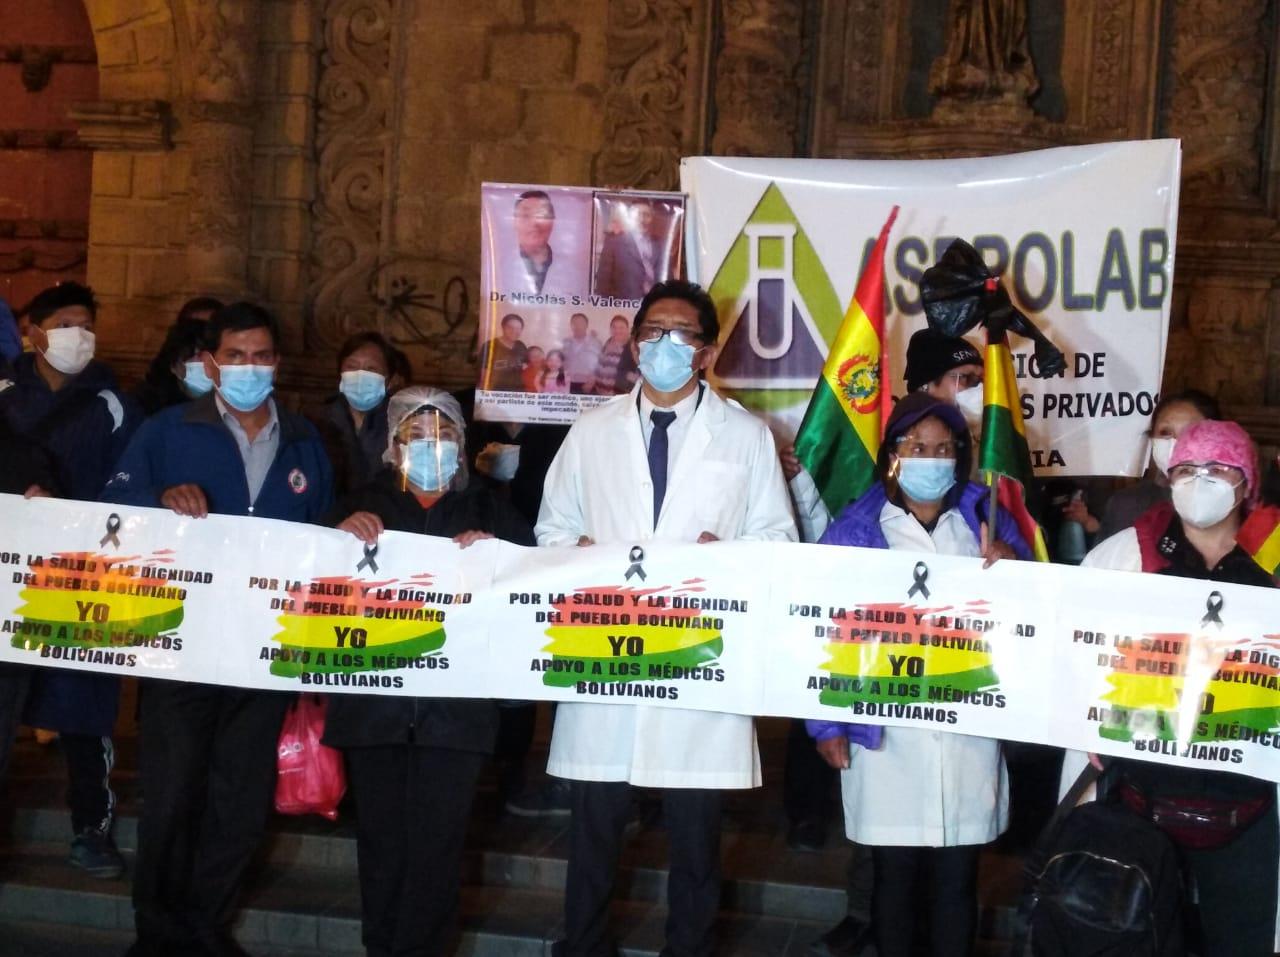 Salud cumple 7 días de paro y anuncia mantener protestas, Gobierno descarta  anular ley - La Razón | Noticias de Bolivia y el Mundo